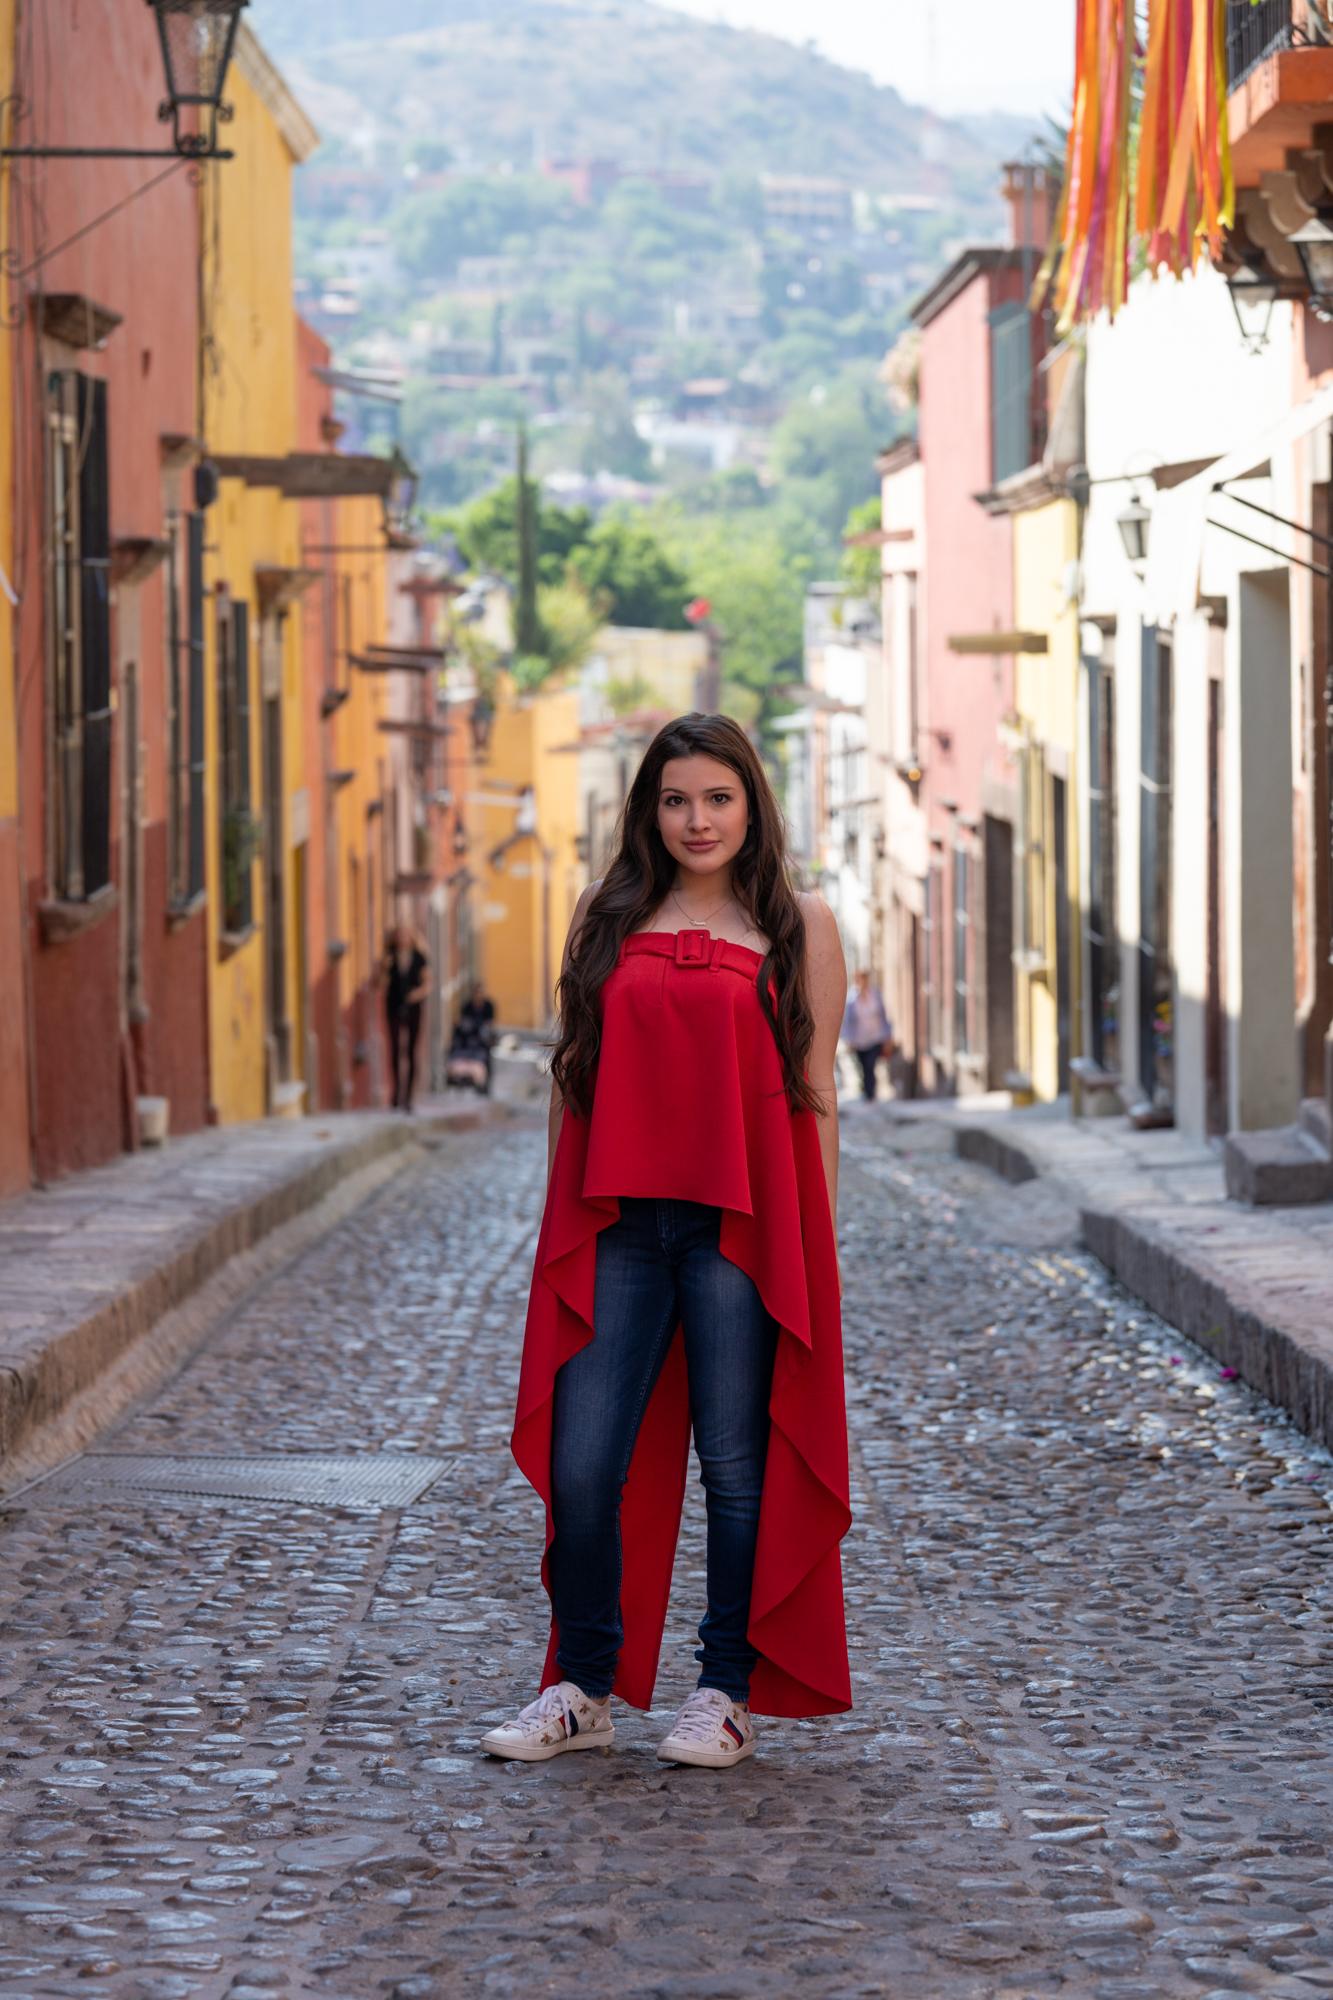 Sesion de Fotos en San Miguel de Allende con Rogelio y su Fmailia-1.jpg